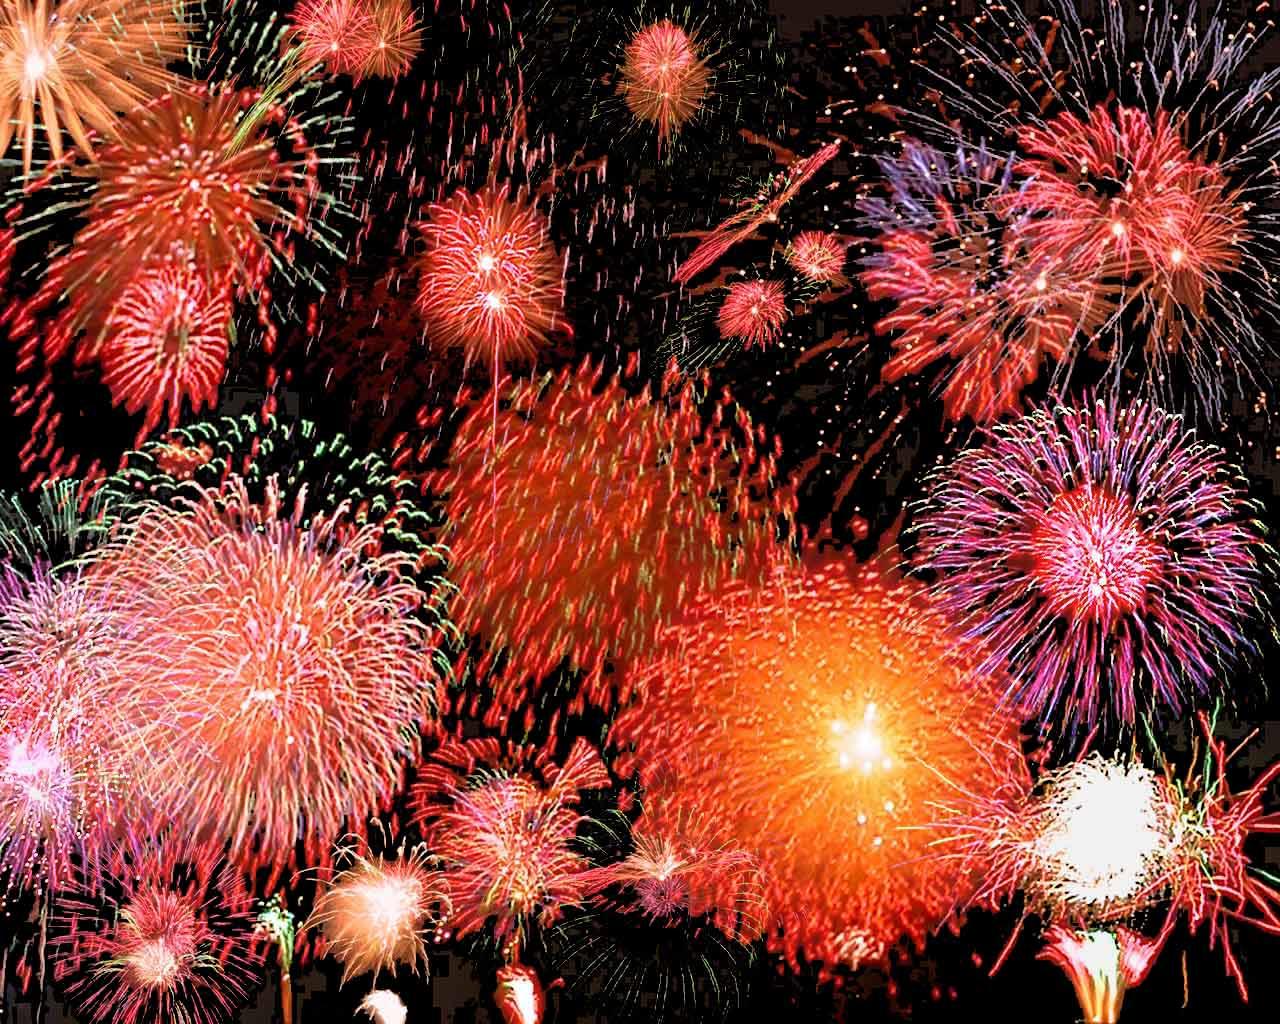 fireworks google image